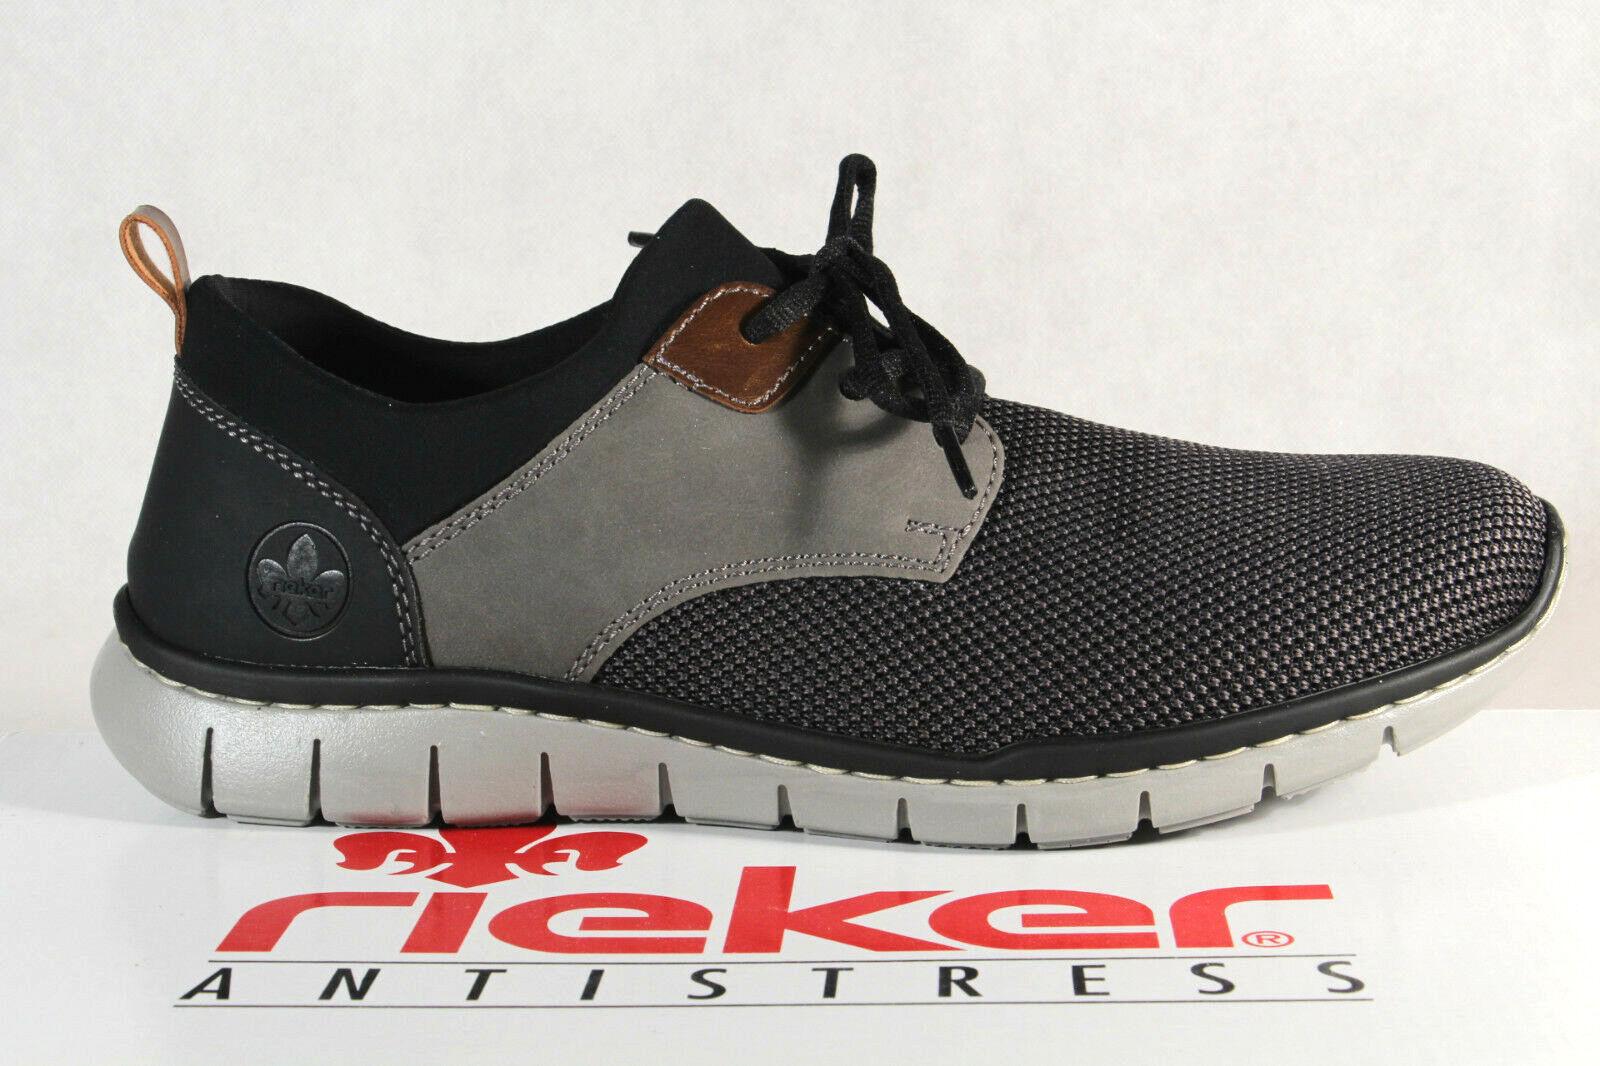 Rieker Herren Slipper Halbschuhe Sneakers grau schwarz B8764 NEU